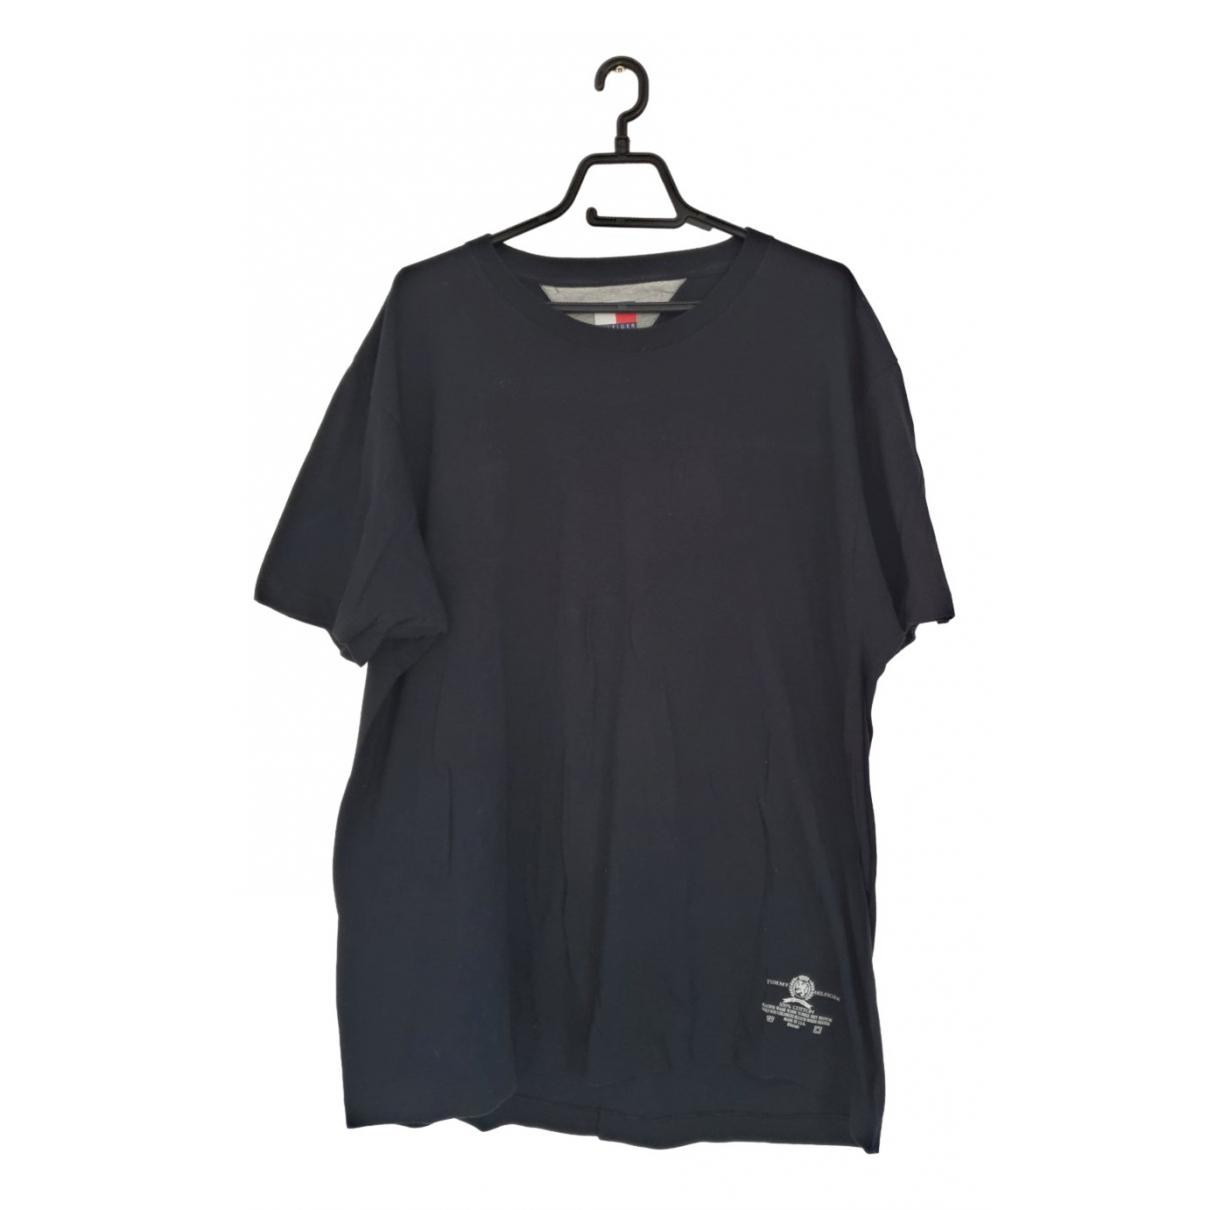 Tommy Hilfiger - Tee shirts   pour homme en coton - noir